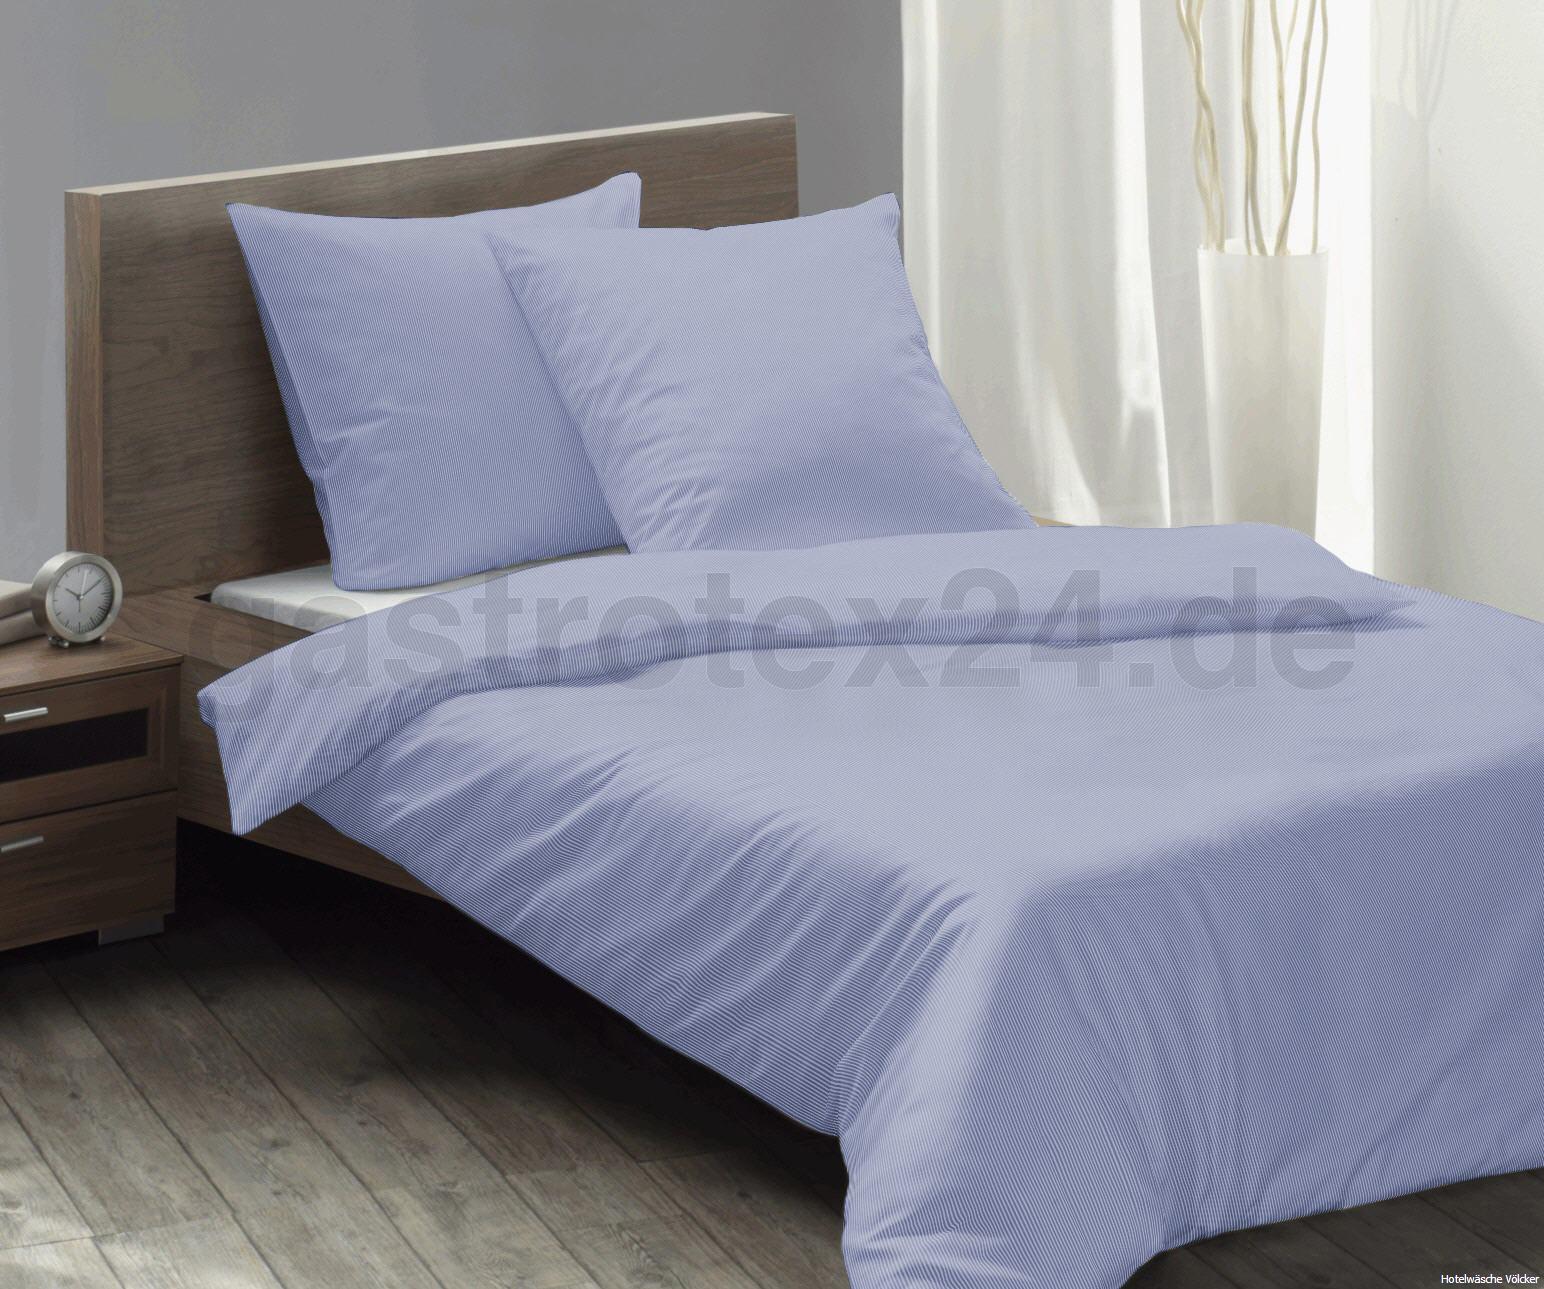 damast bettw sche garda farbig gastrotex ihr hotelw sche gro handel professionelle. Black Bedroom Furniture Sets. Home Design Ideas